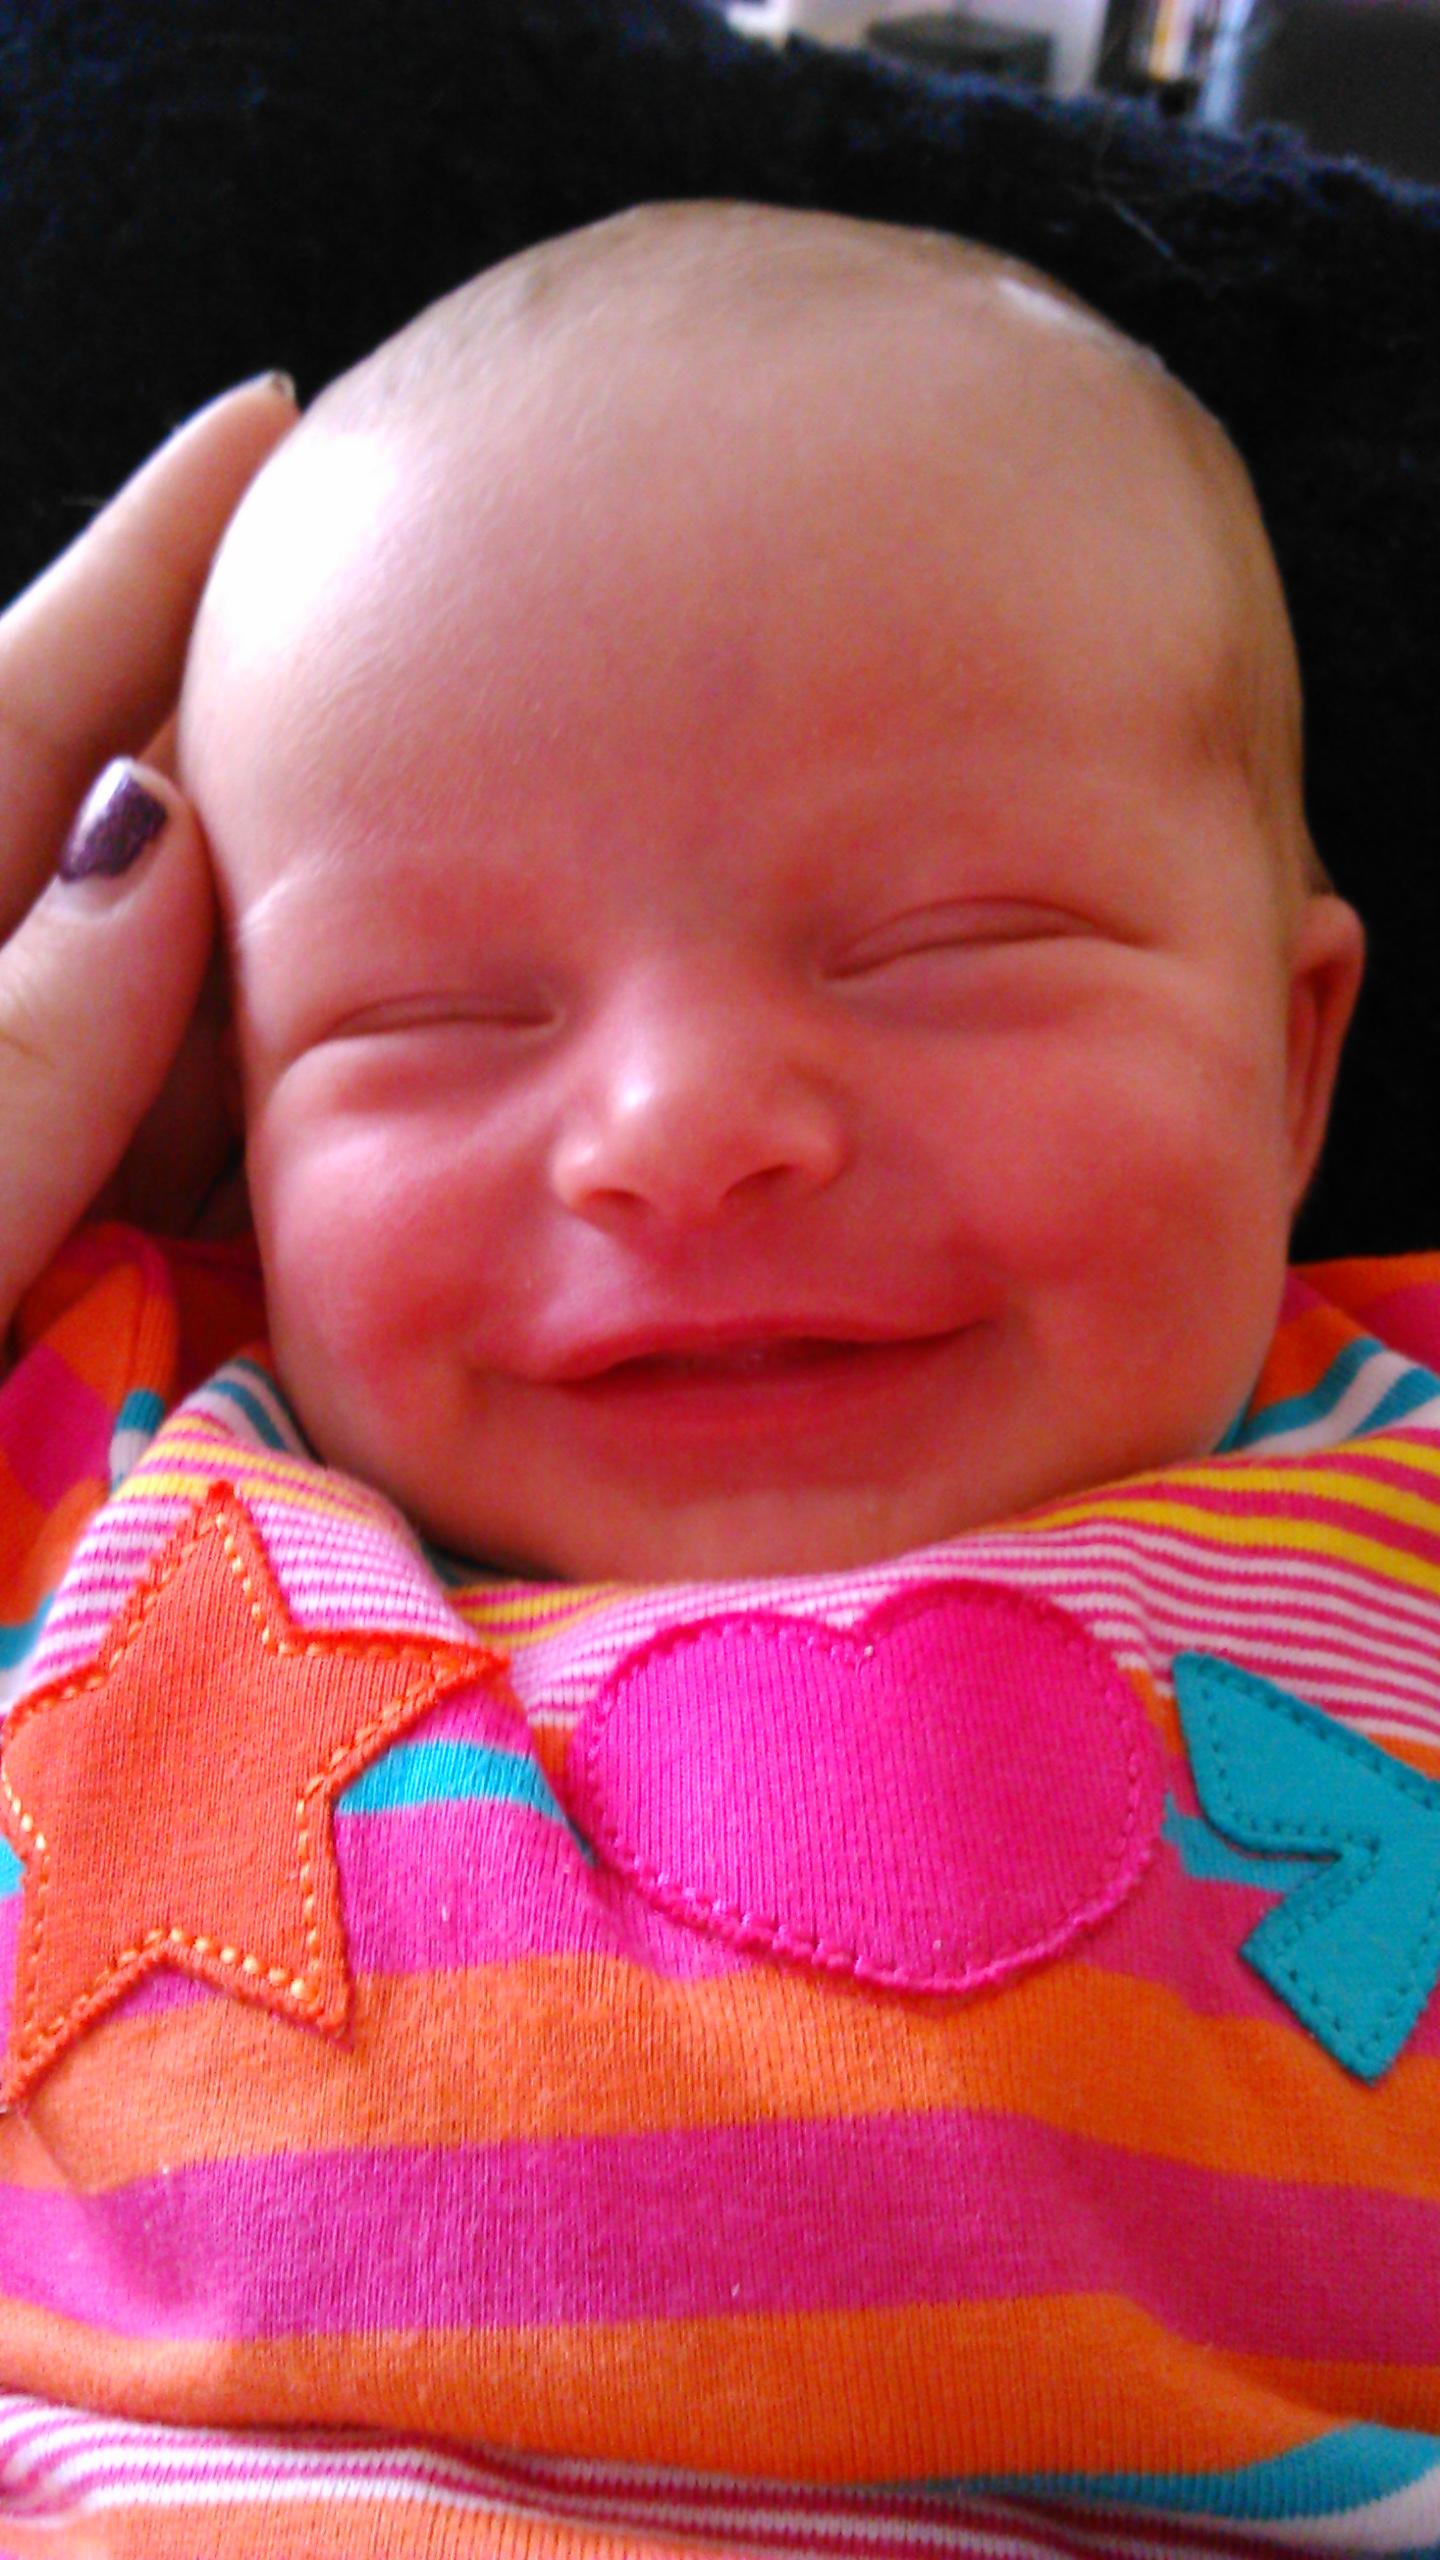 Geboren op: 27 juli 2014 - Femke is een heel rustig, tevreden en nieuwsgierig kindje.